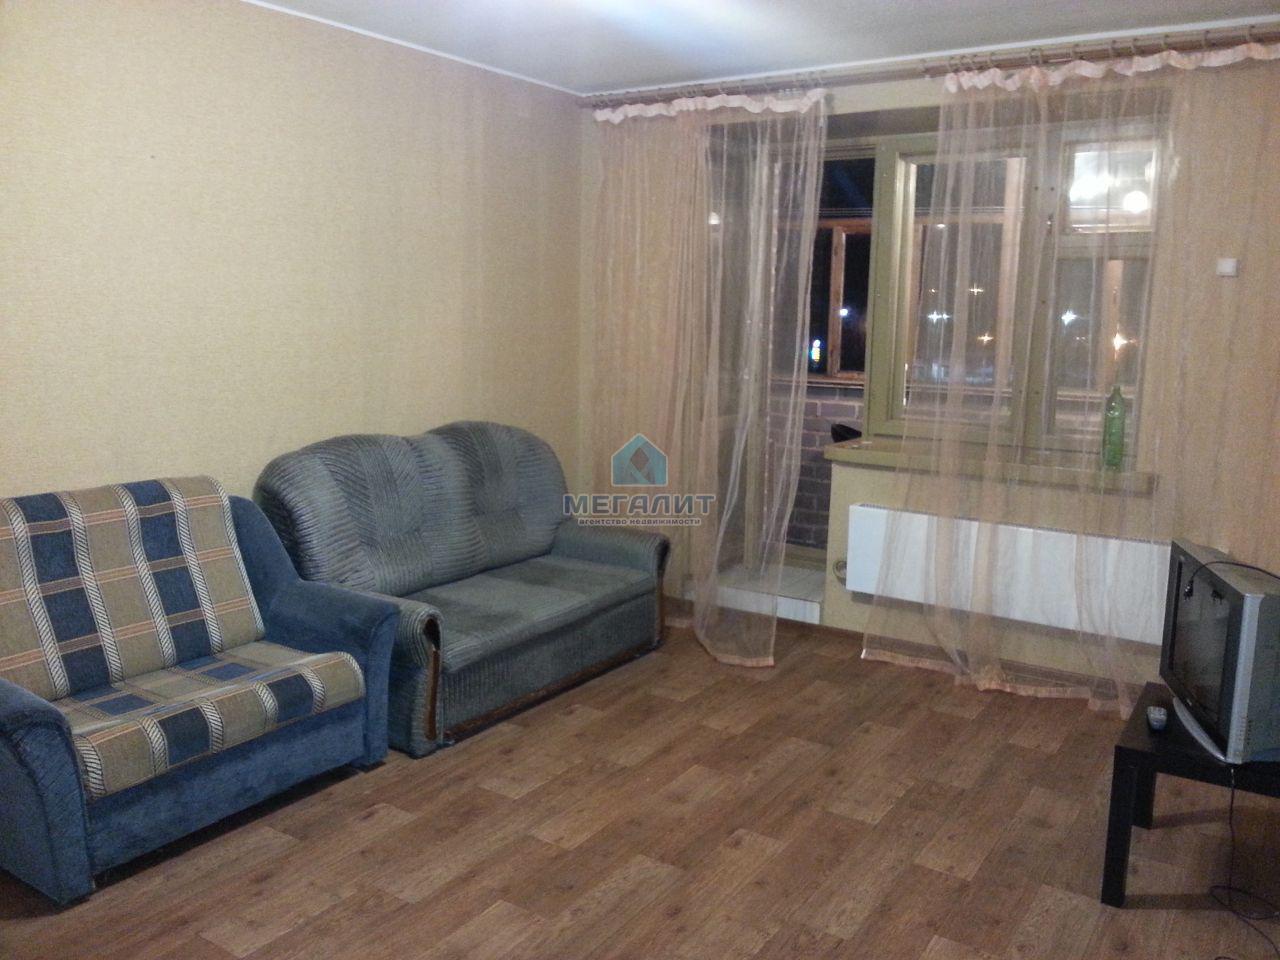 Аренда 2-к квартиры Ферма-2 90, 55 м²  (миниатюра №1)